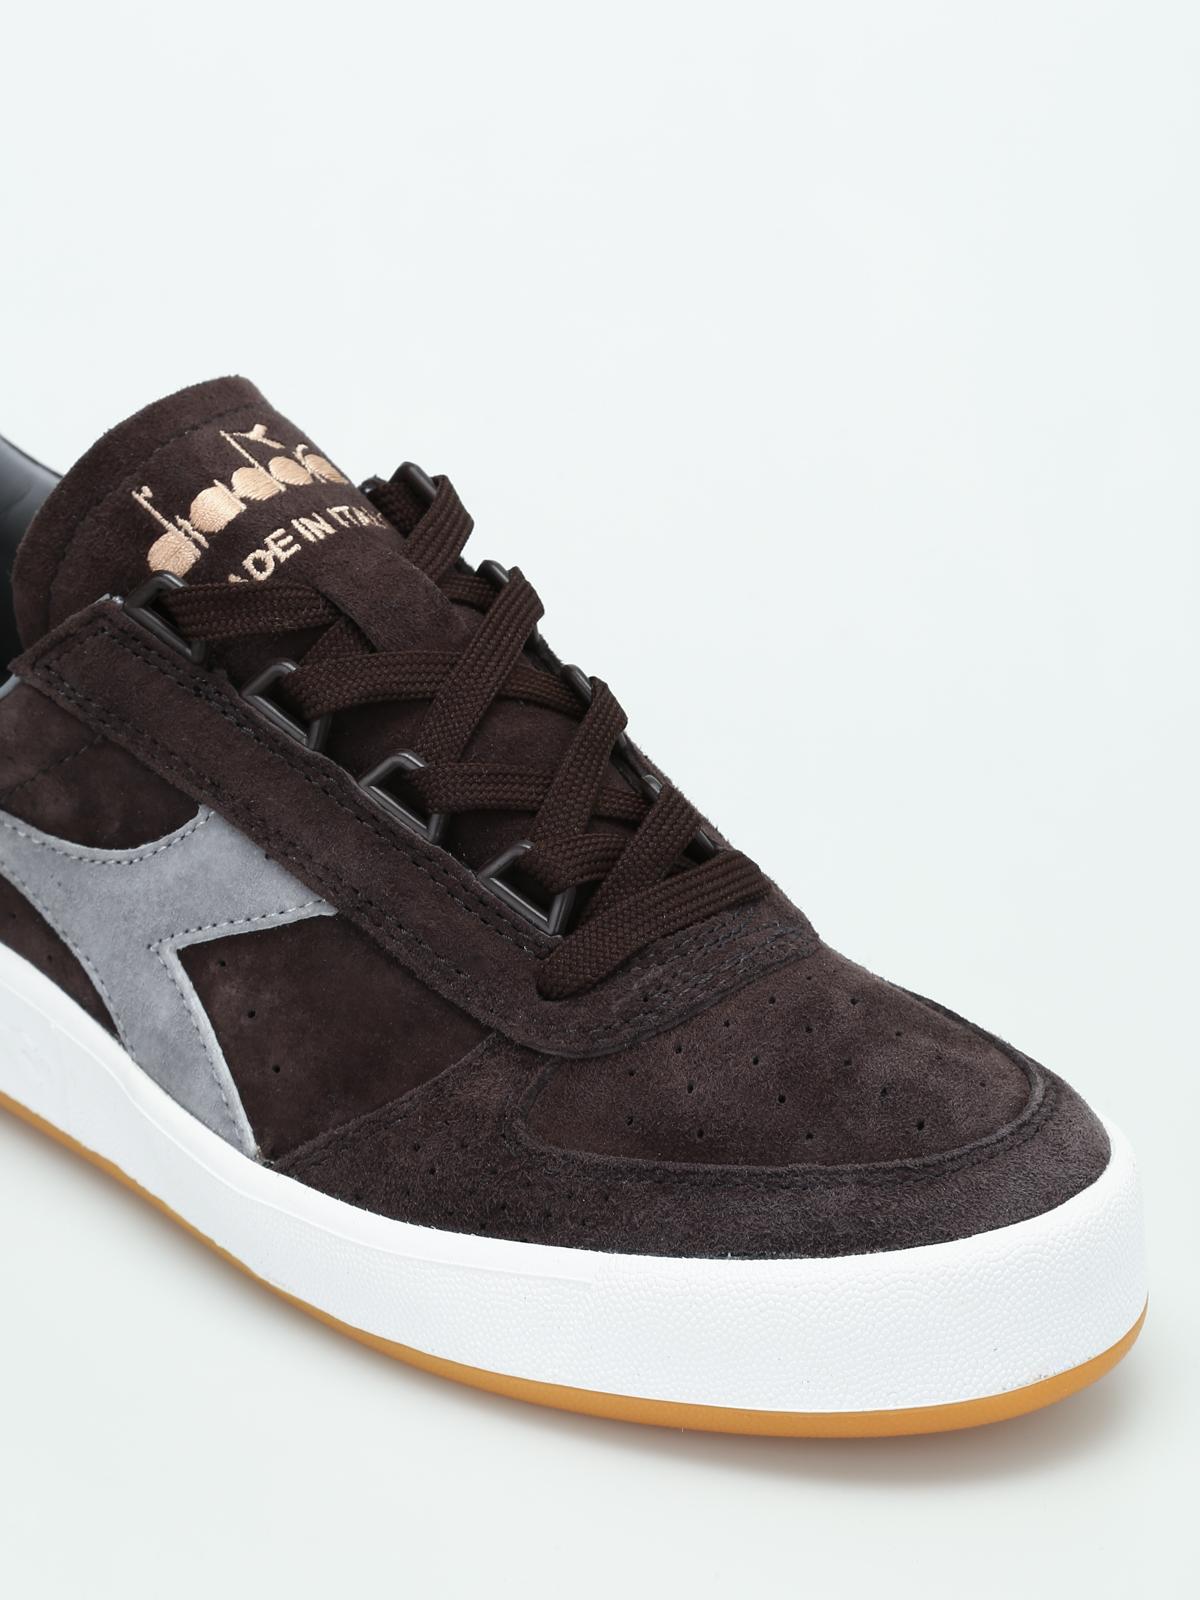 Diadora - B.Elite suede sneakers